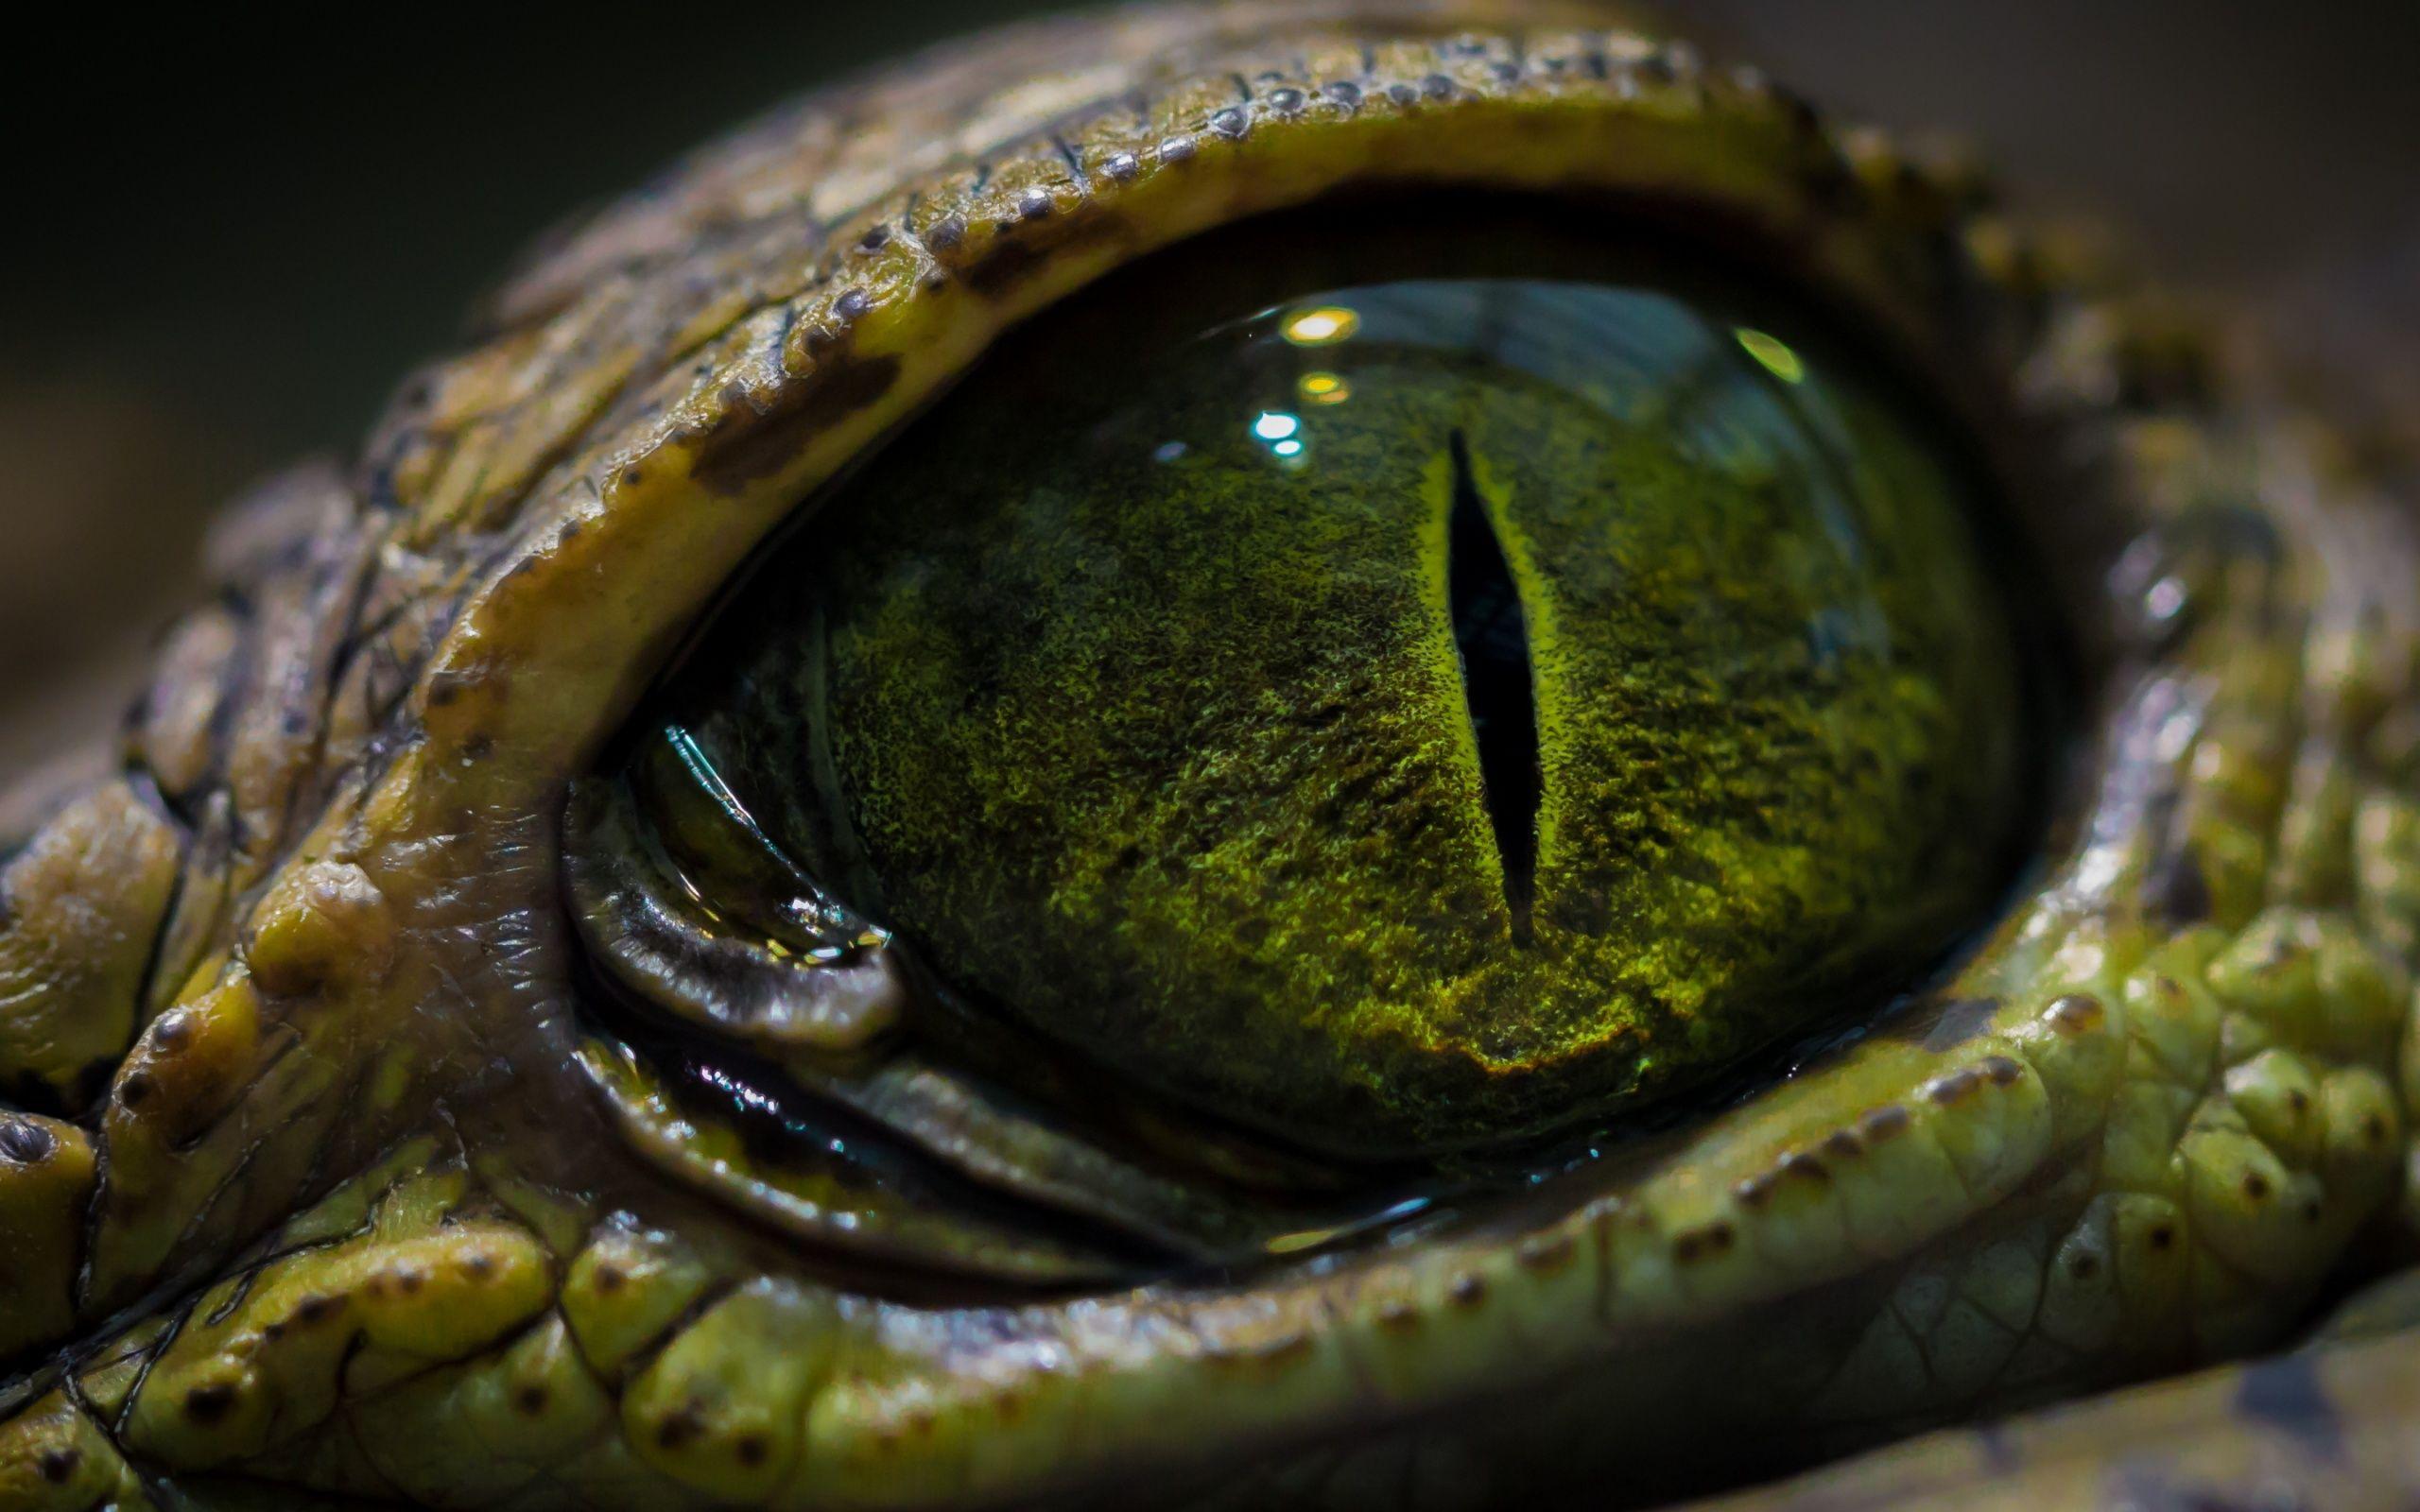 фото макросъемка змеи если ноги